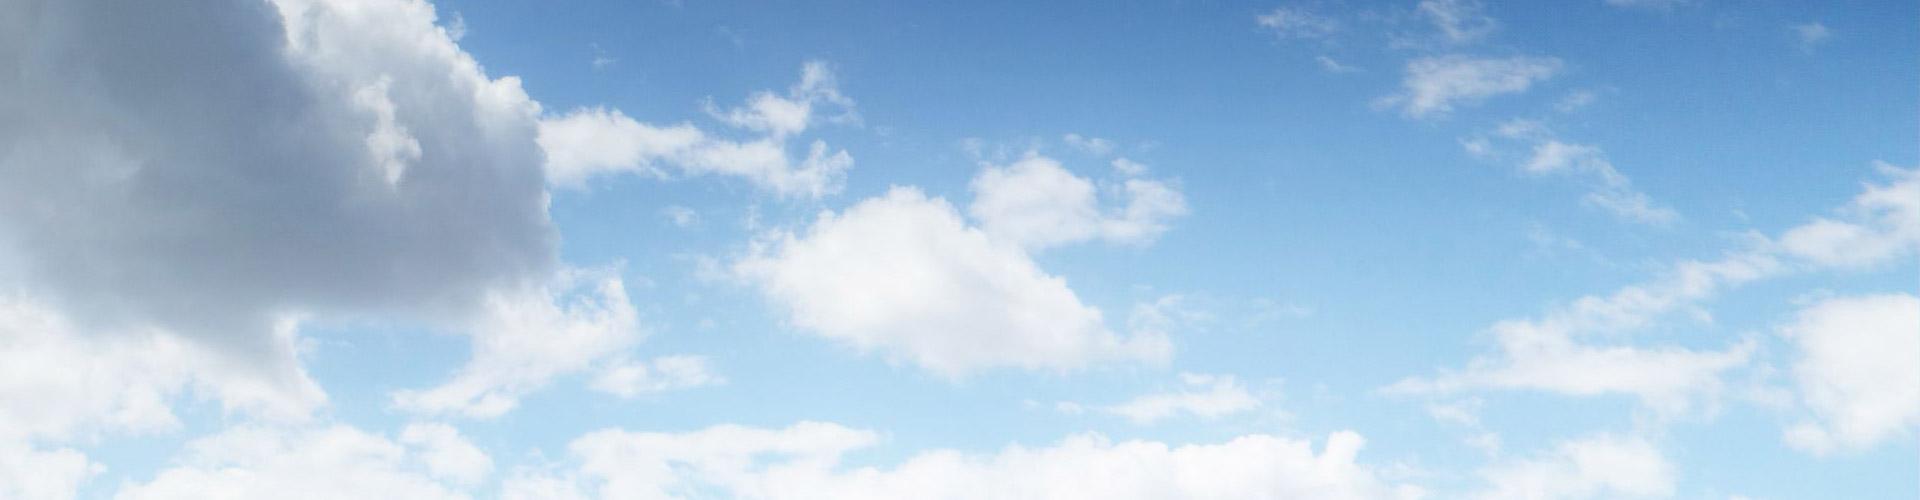 1920x500_clouds1